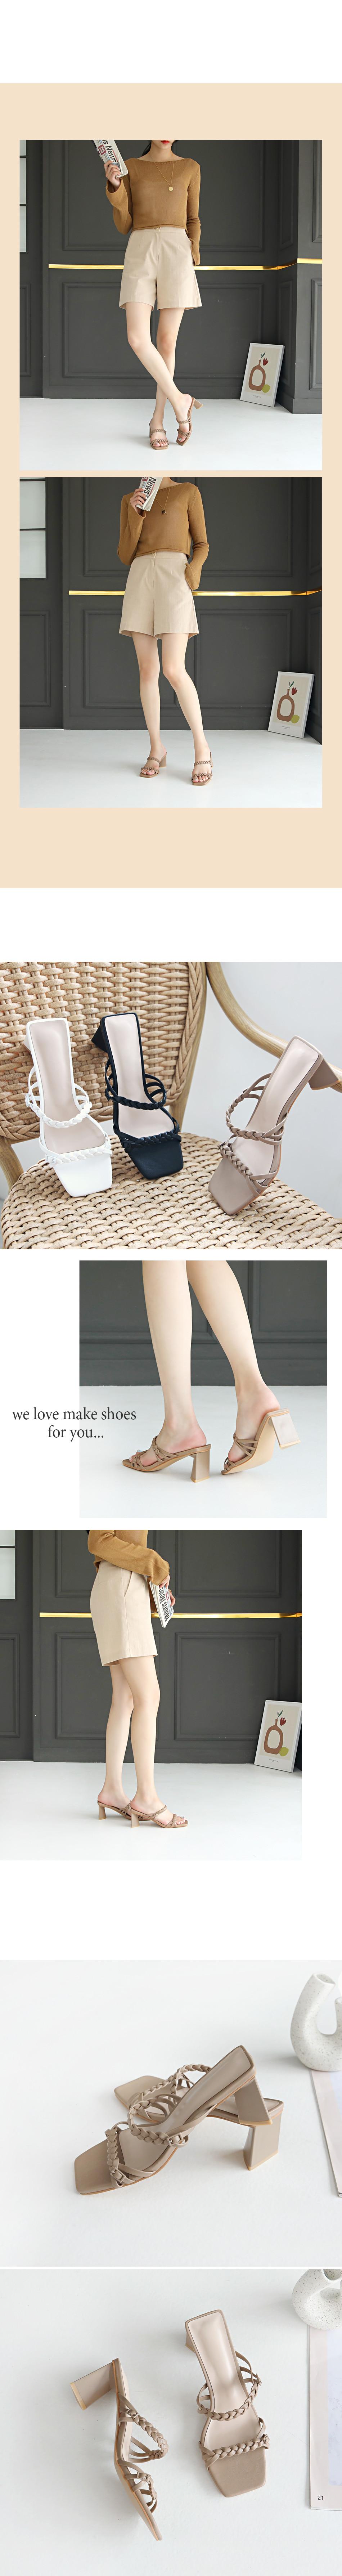 Aretz Mule Slippers 6cm